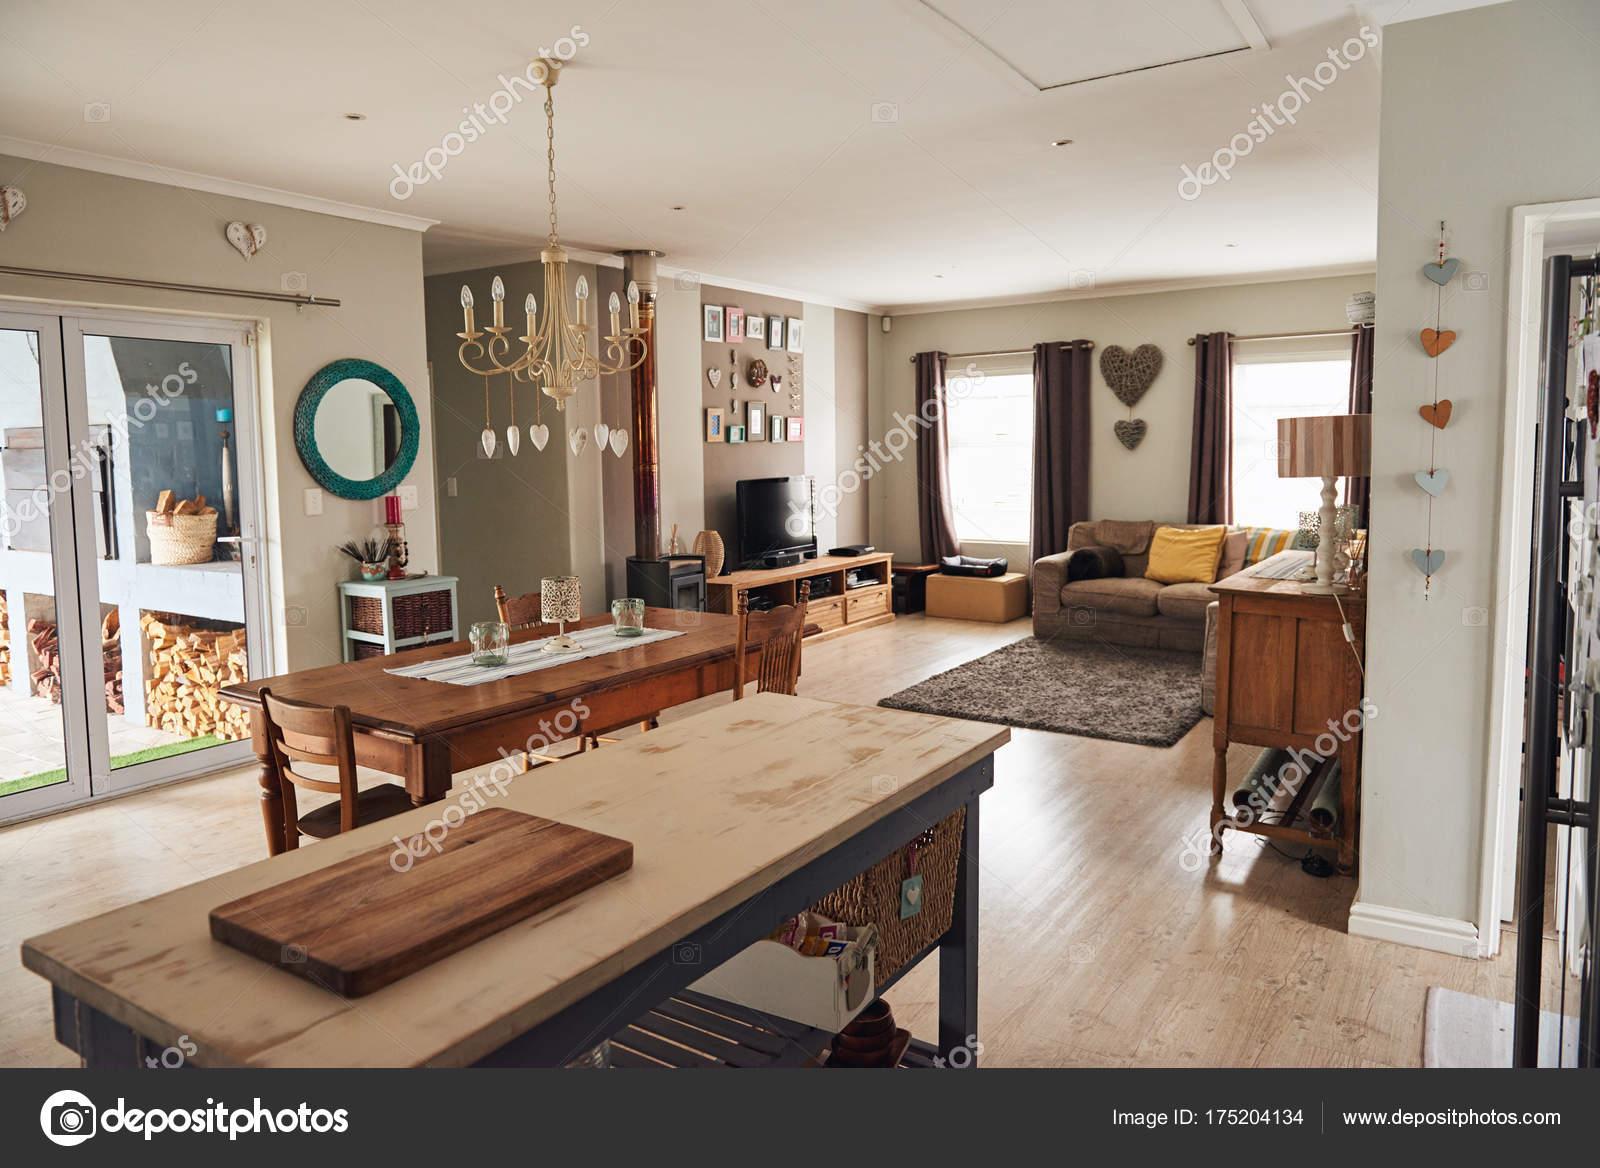 Fotos sala y comedor juntos casa residencial for Cocina sala comedor juntos